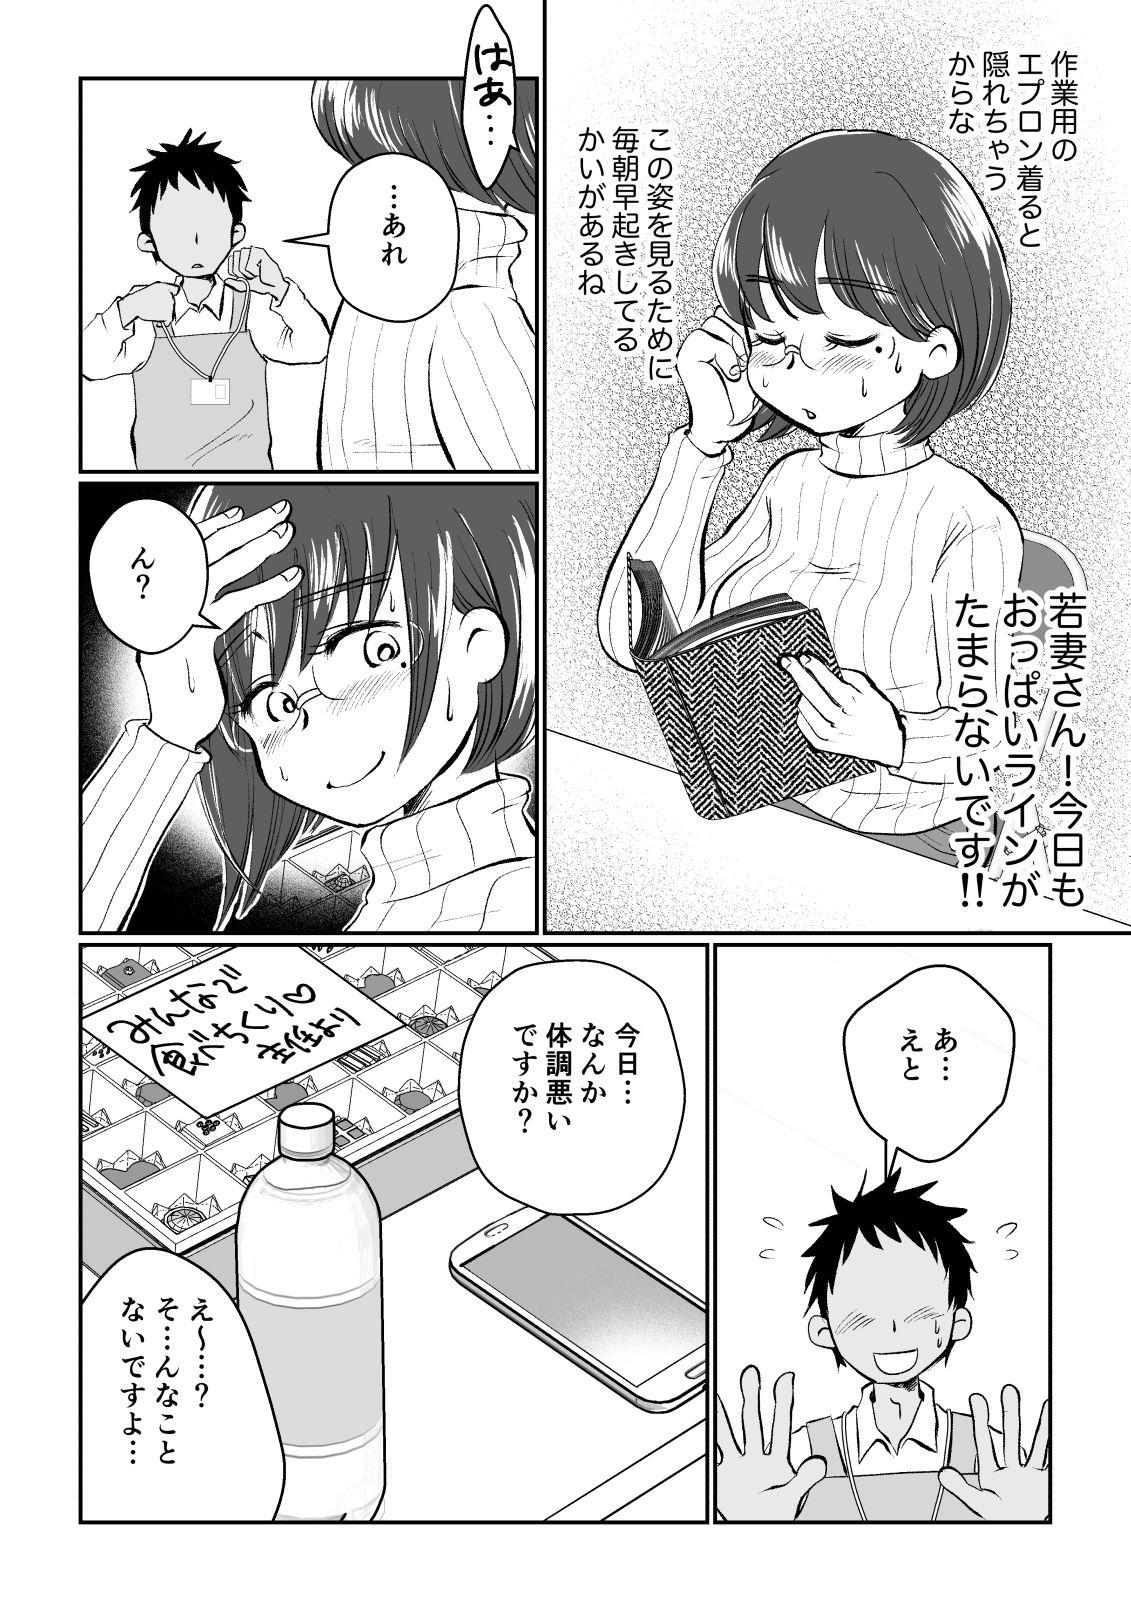 [Megitsune Works] Wakazuma-san wa Yokkyuu Fuman! Akogare no Shisho no Wakazuma-san ga Gakusei Beit no Boku no Fudeoroshi o Shite kuremashita. 11